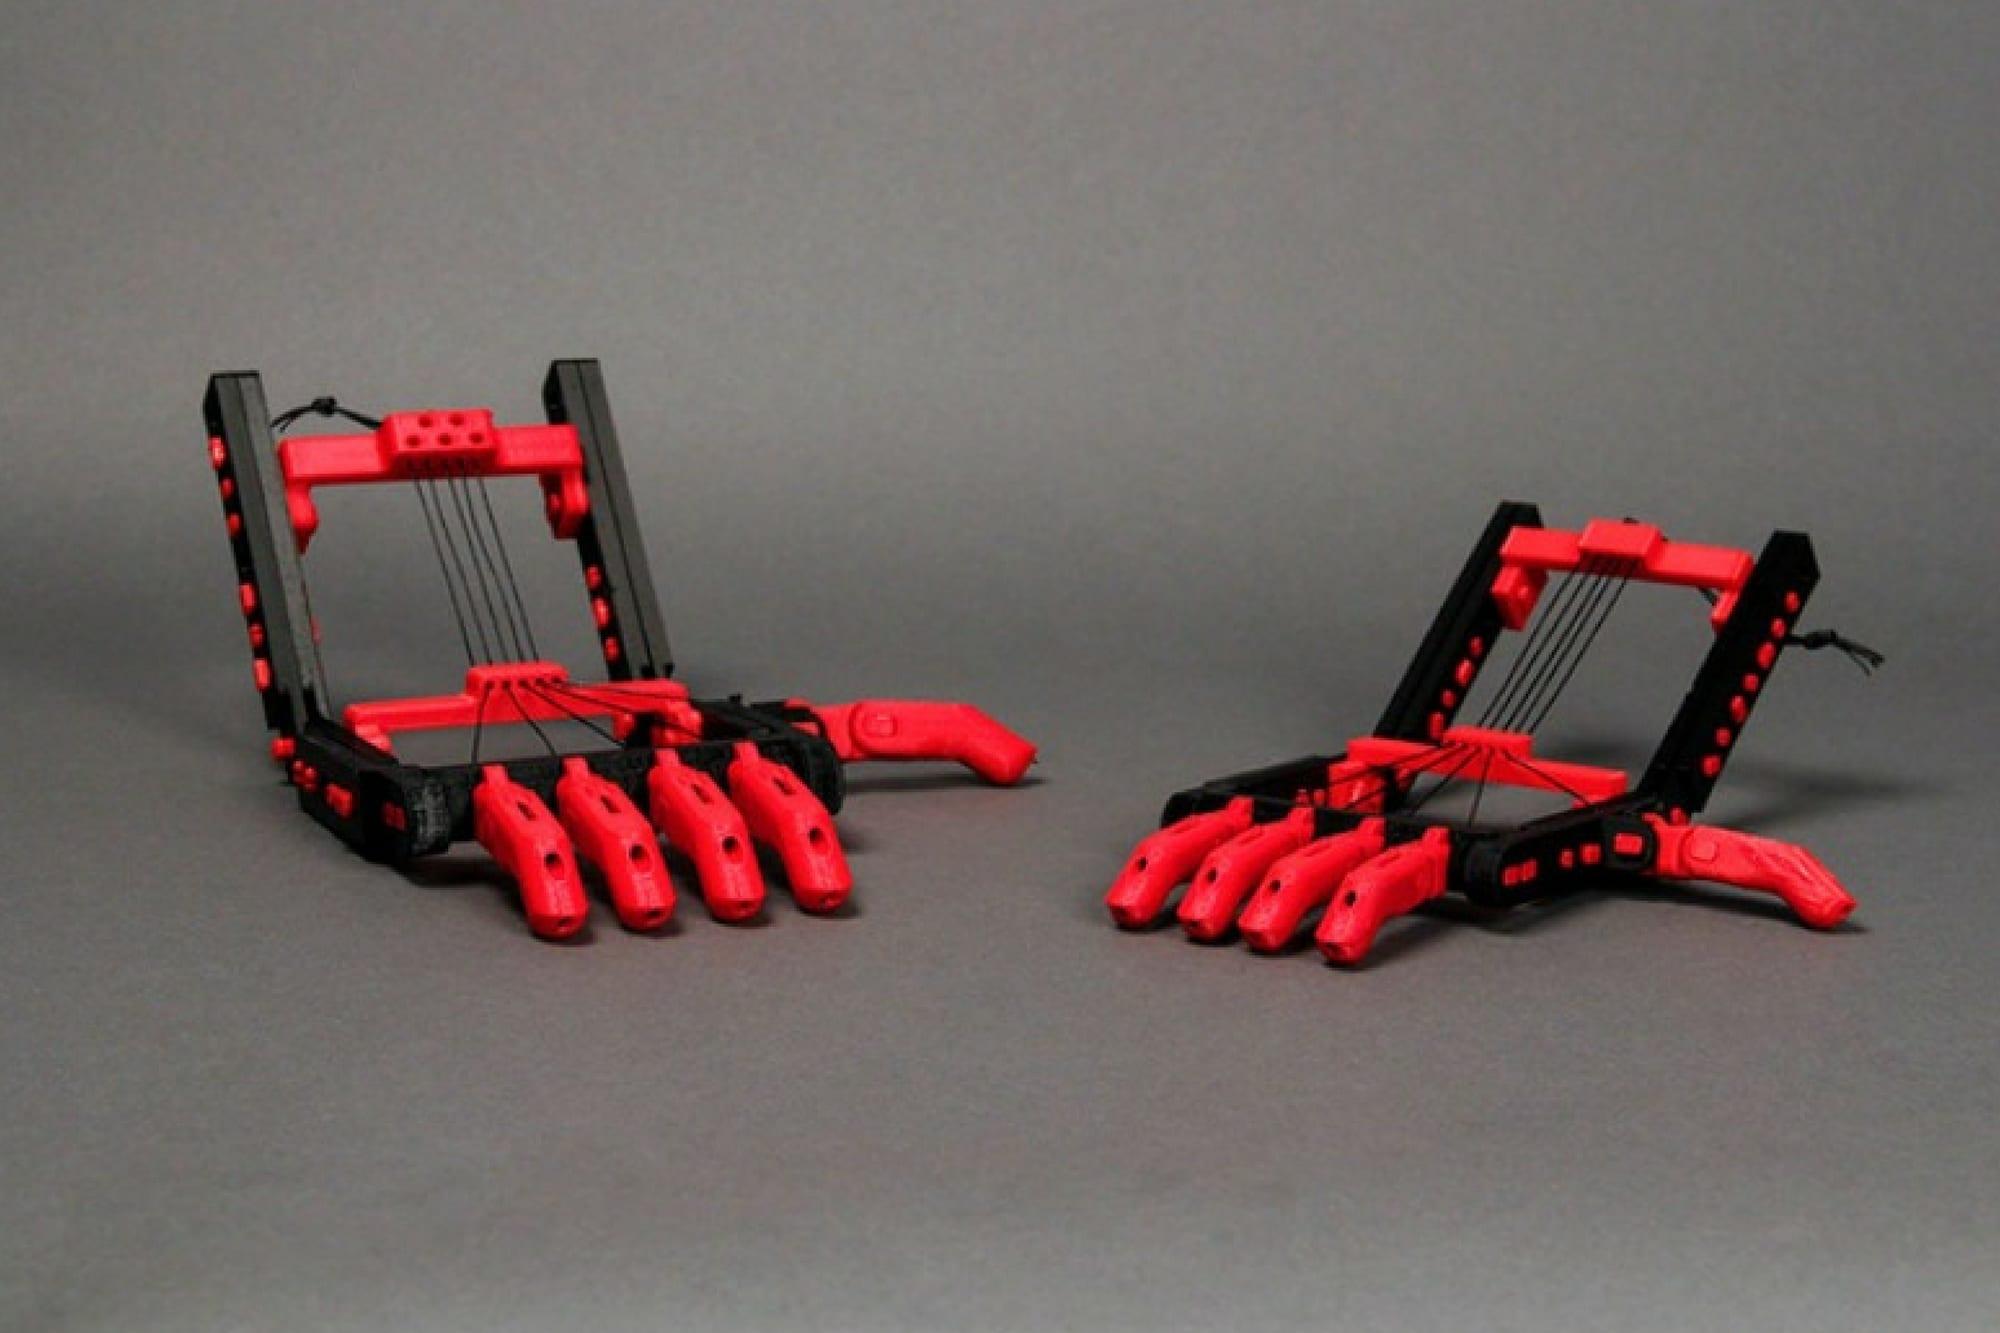 Robohand rouges en impression 3D